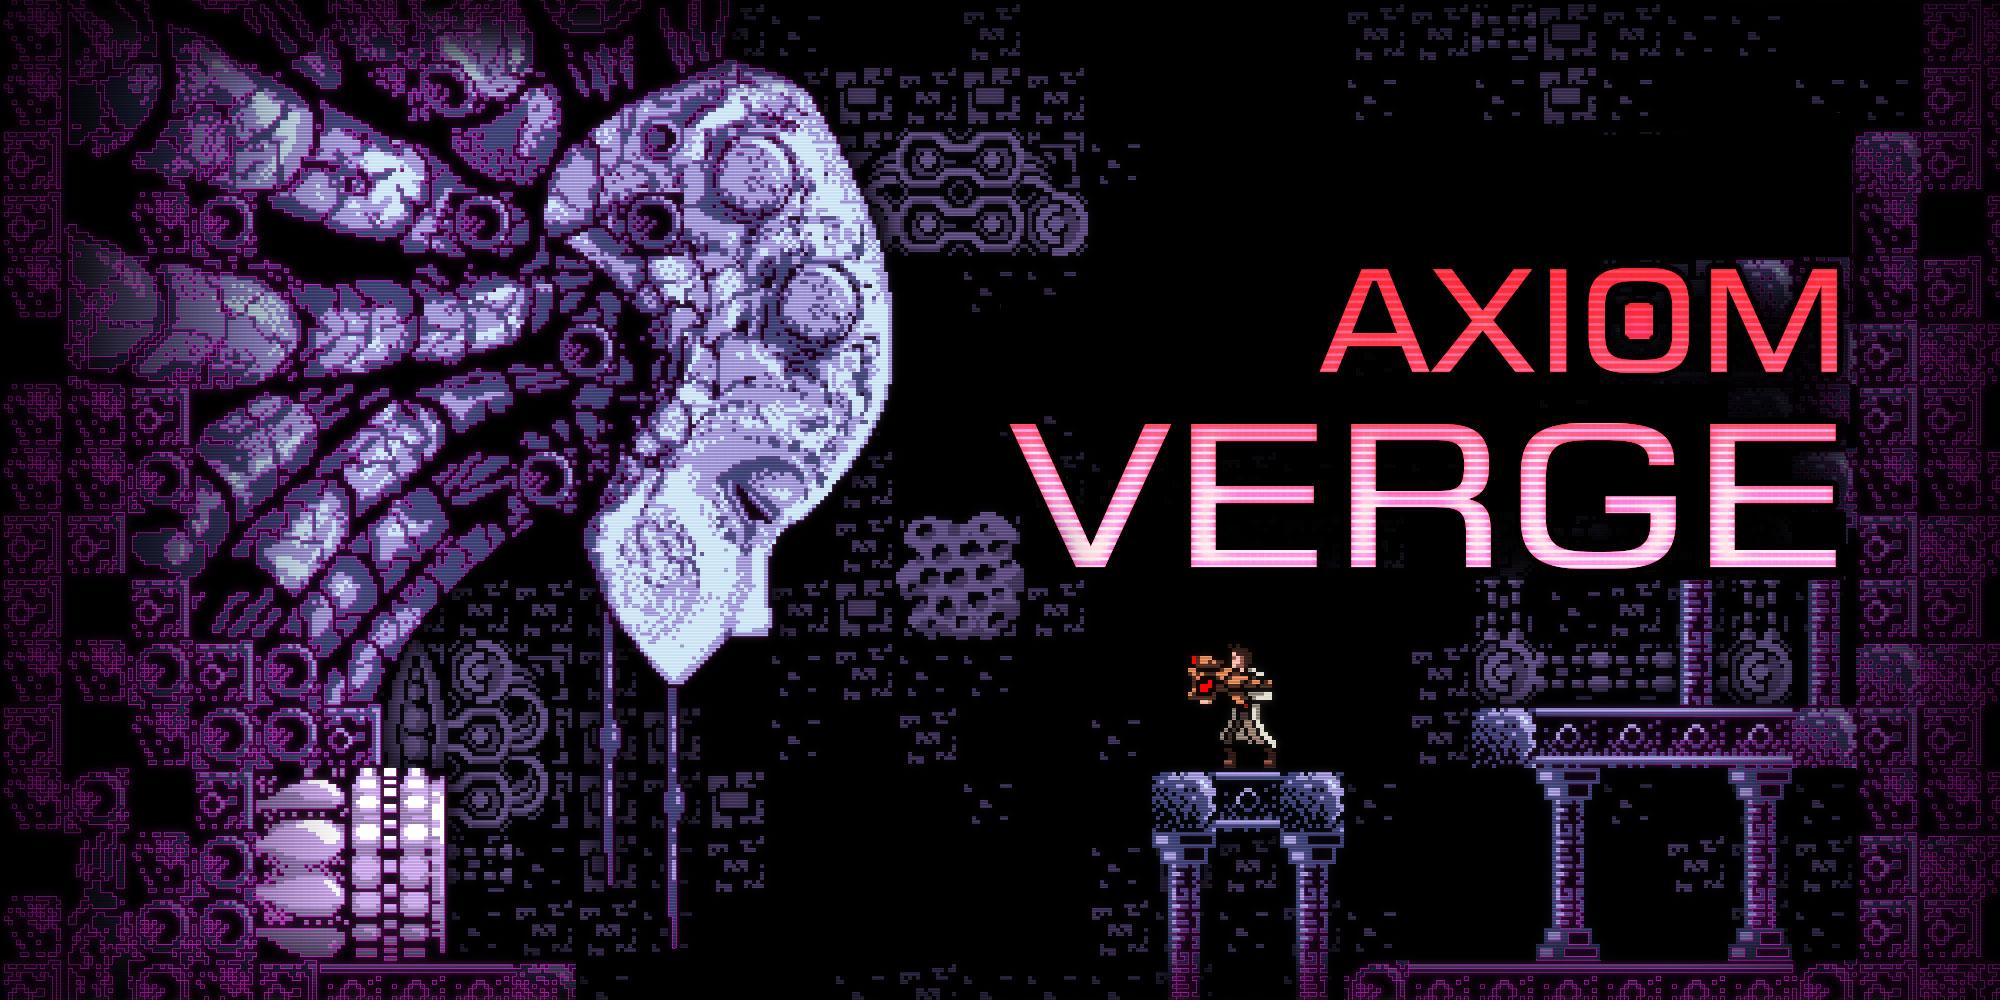 Nintendo Eshop Developer Discussion Axiom Verge News